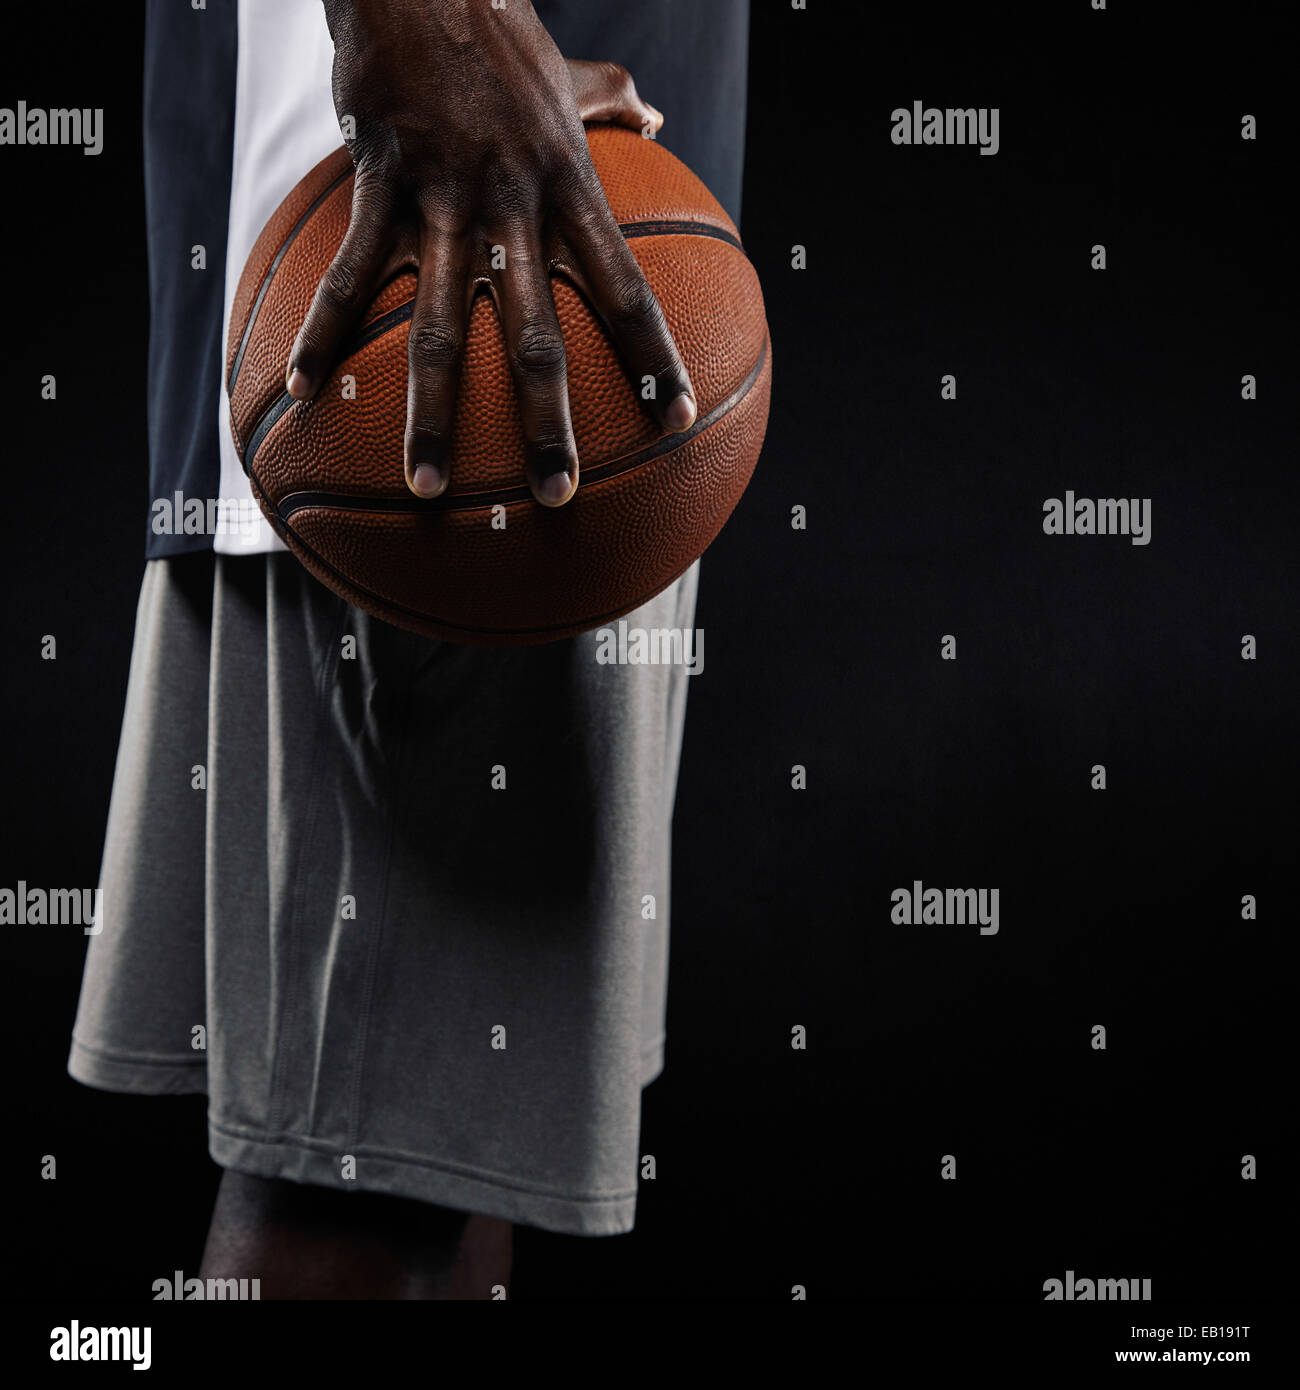 Imagen recortada de un joven hombre sujetando el baloncesto contra el fondo negro. Imagen de la sección intermedia Imagen De Stock